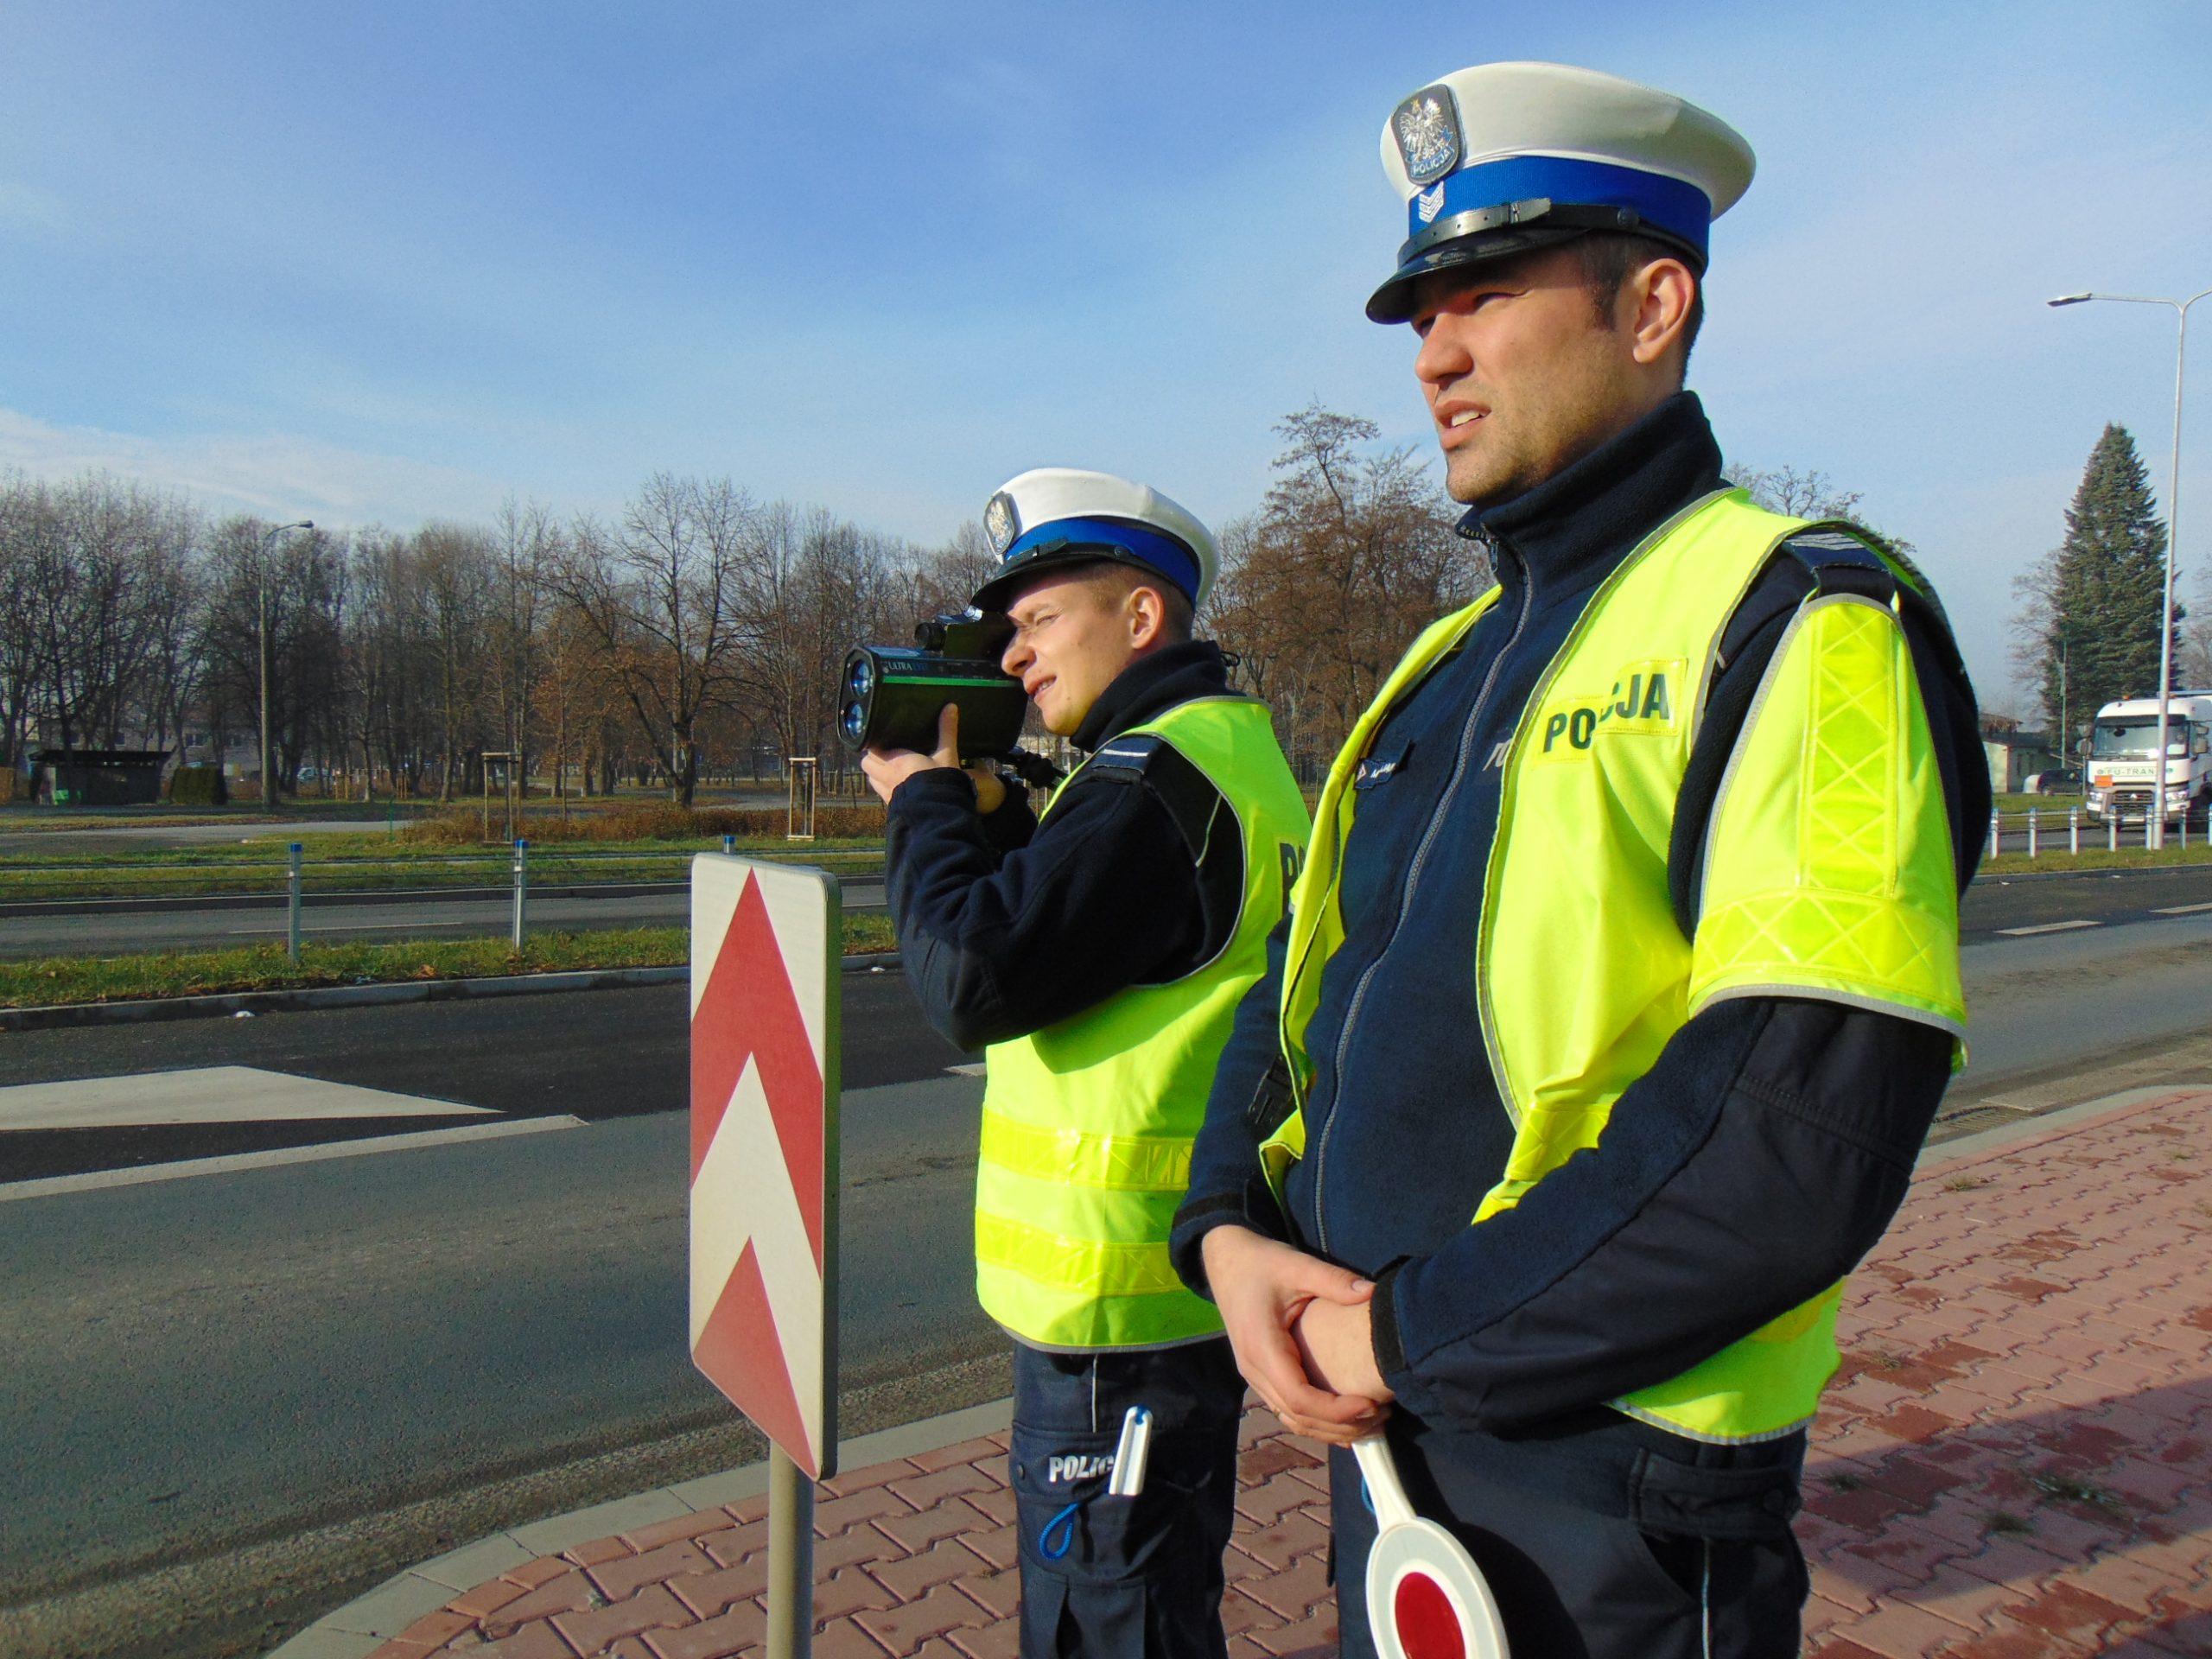 KPP Oświęcim Policjanci drogówki kontrolują prędkosc